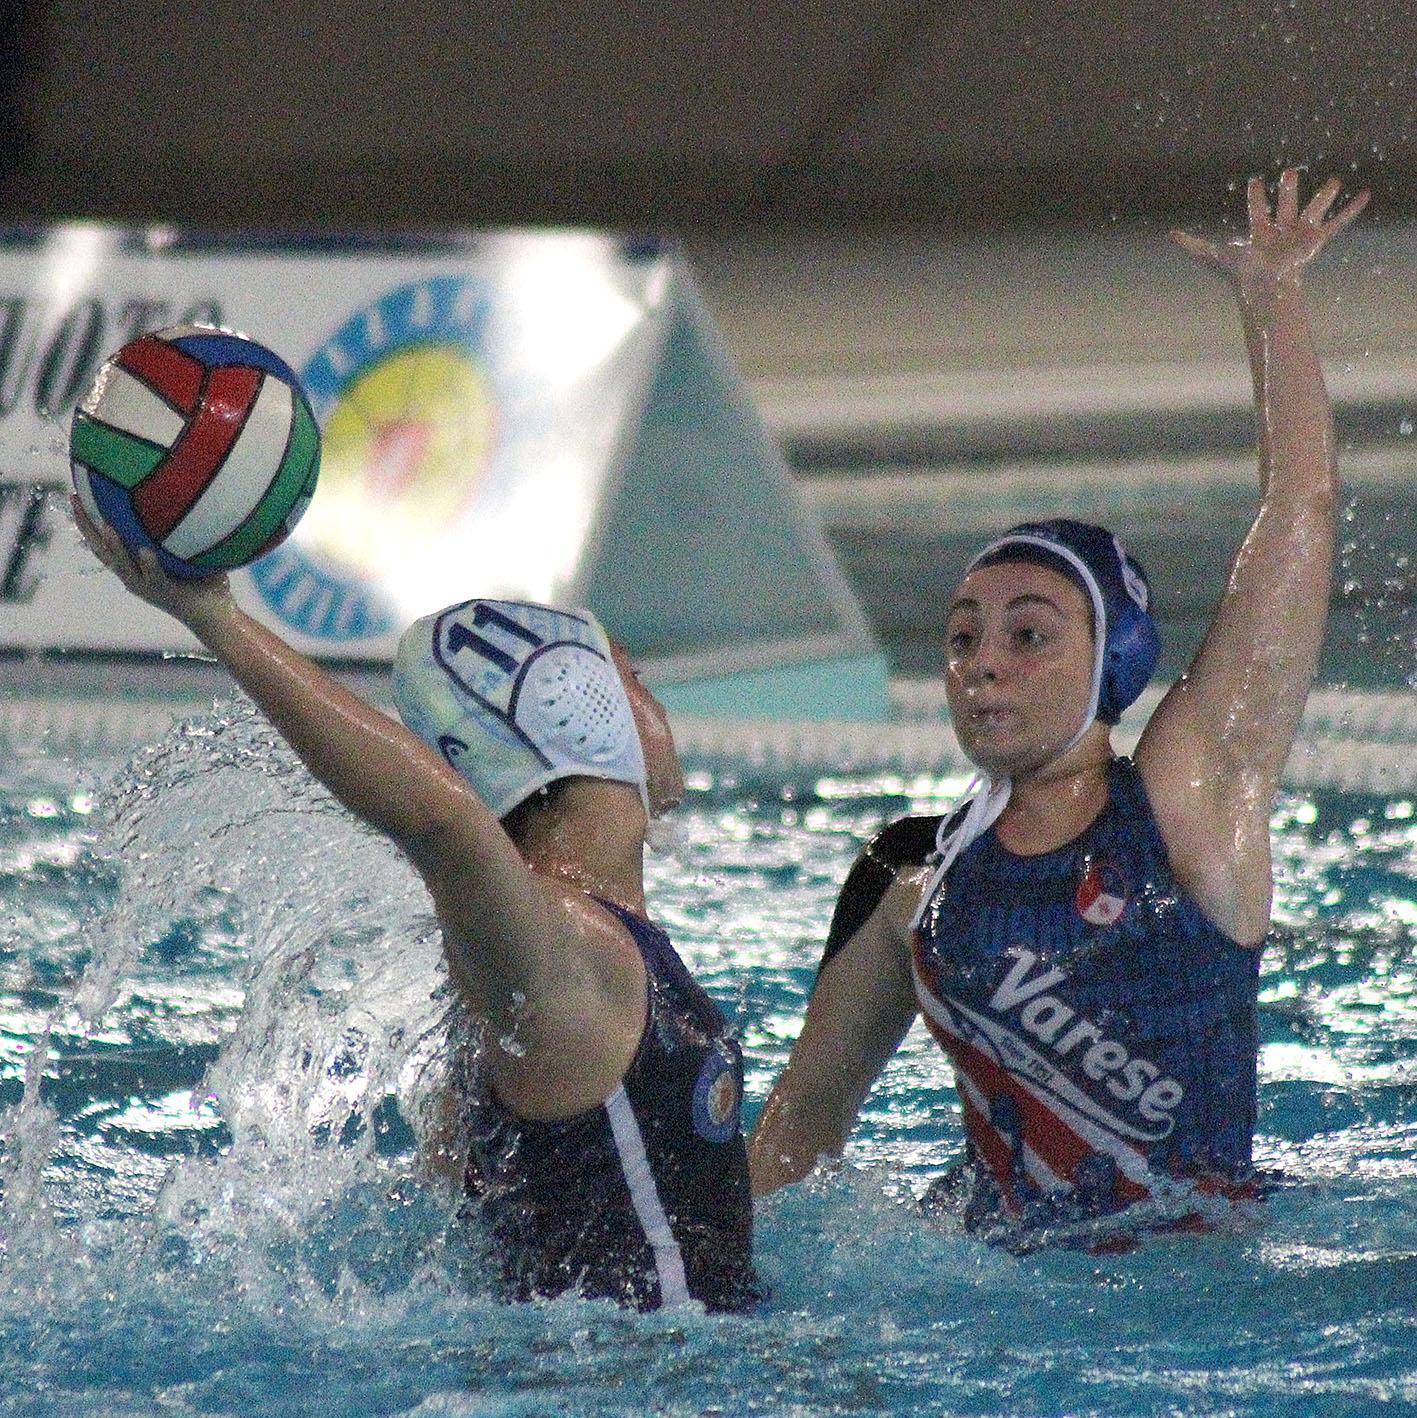 Le orchette sono tra le prime quattro d'Italia. Nei quarti di finale battuto il Varese Olona per 4-3